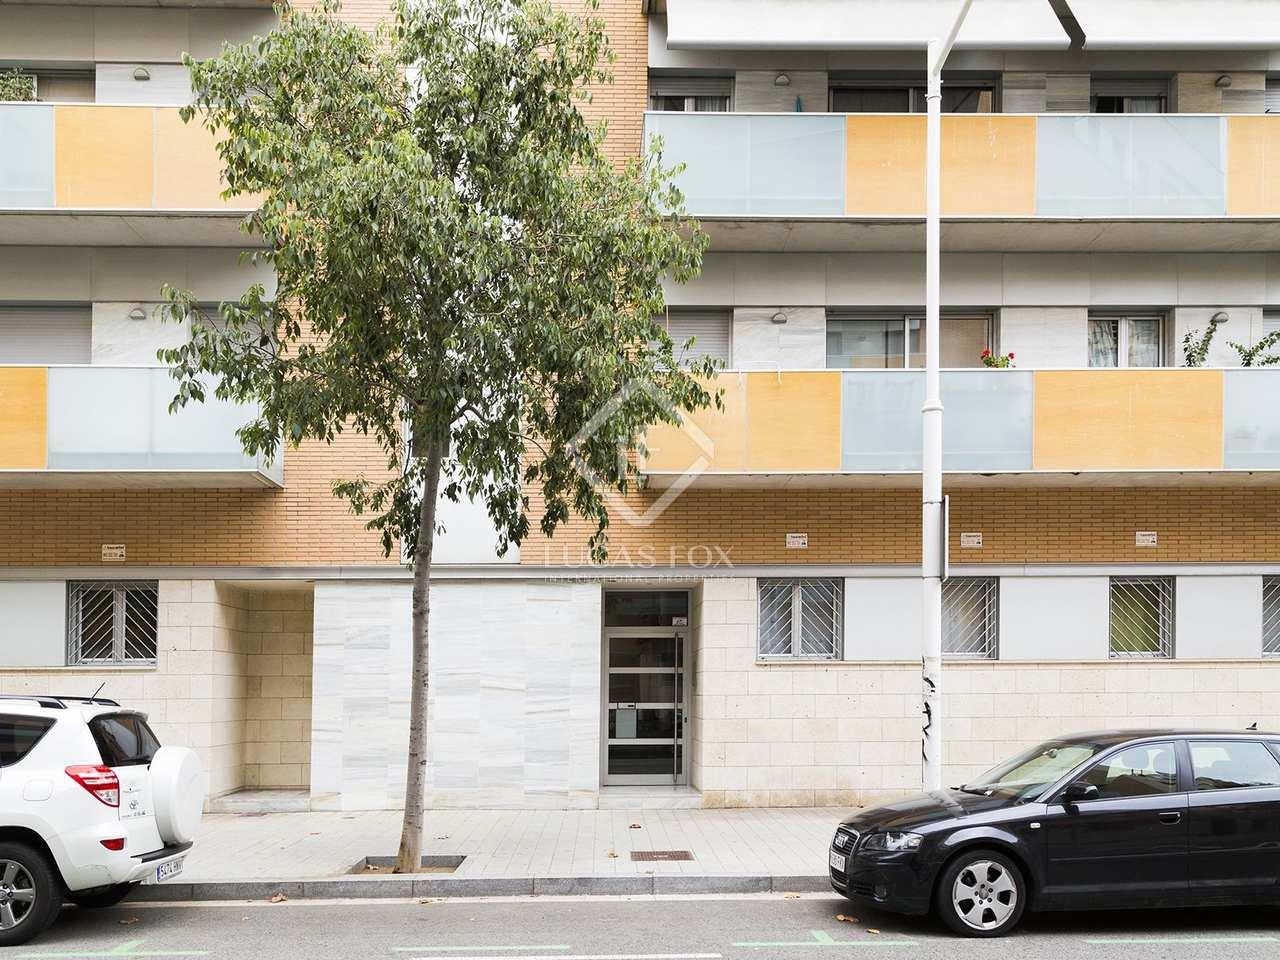 Apartamento con terraza en venta en vila ol mpica barcelona - Precio toldos terraza barcelona ...